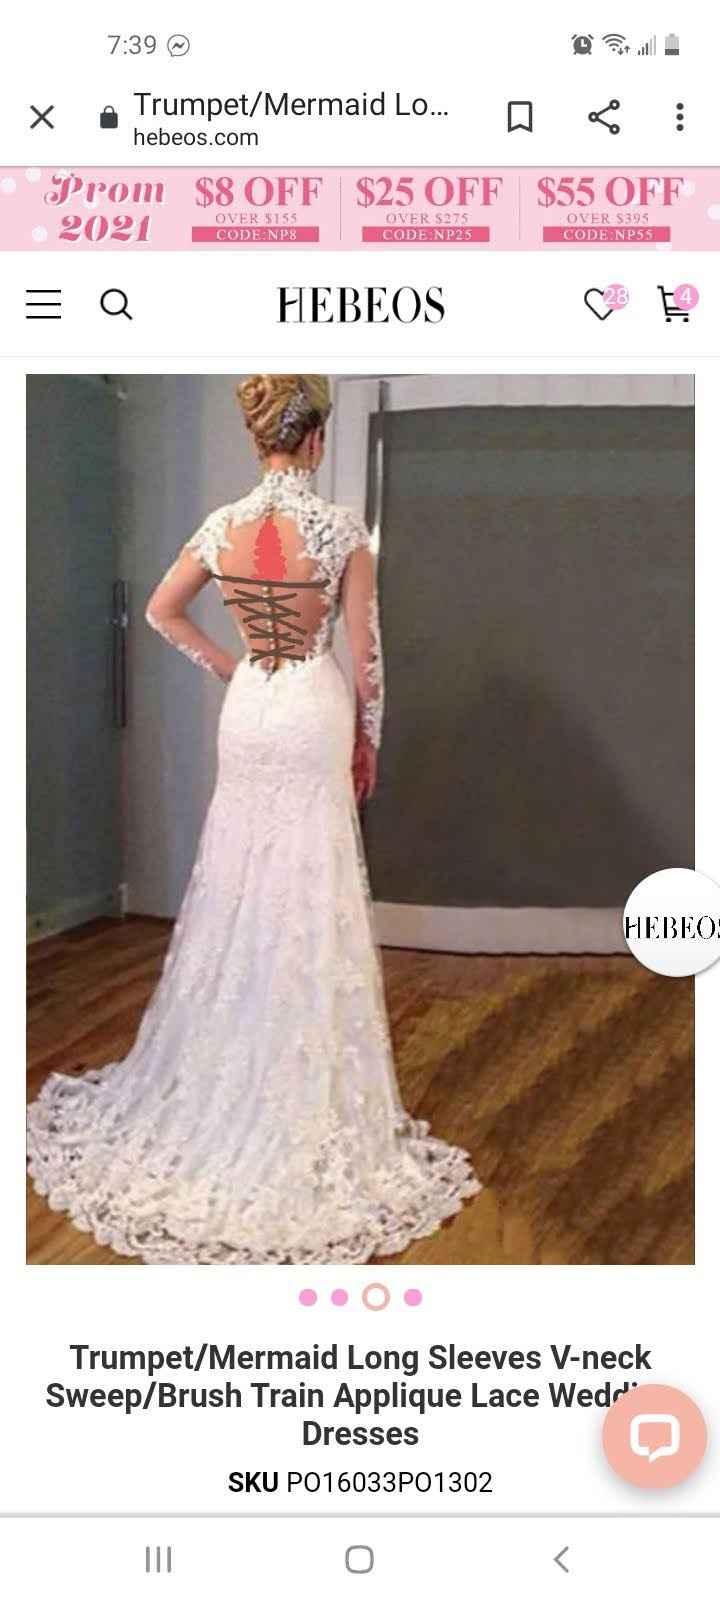 Dress opinion - 3